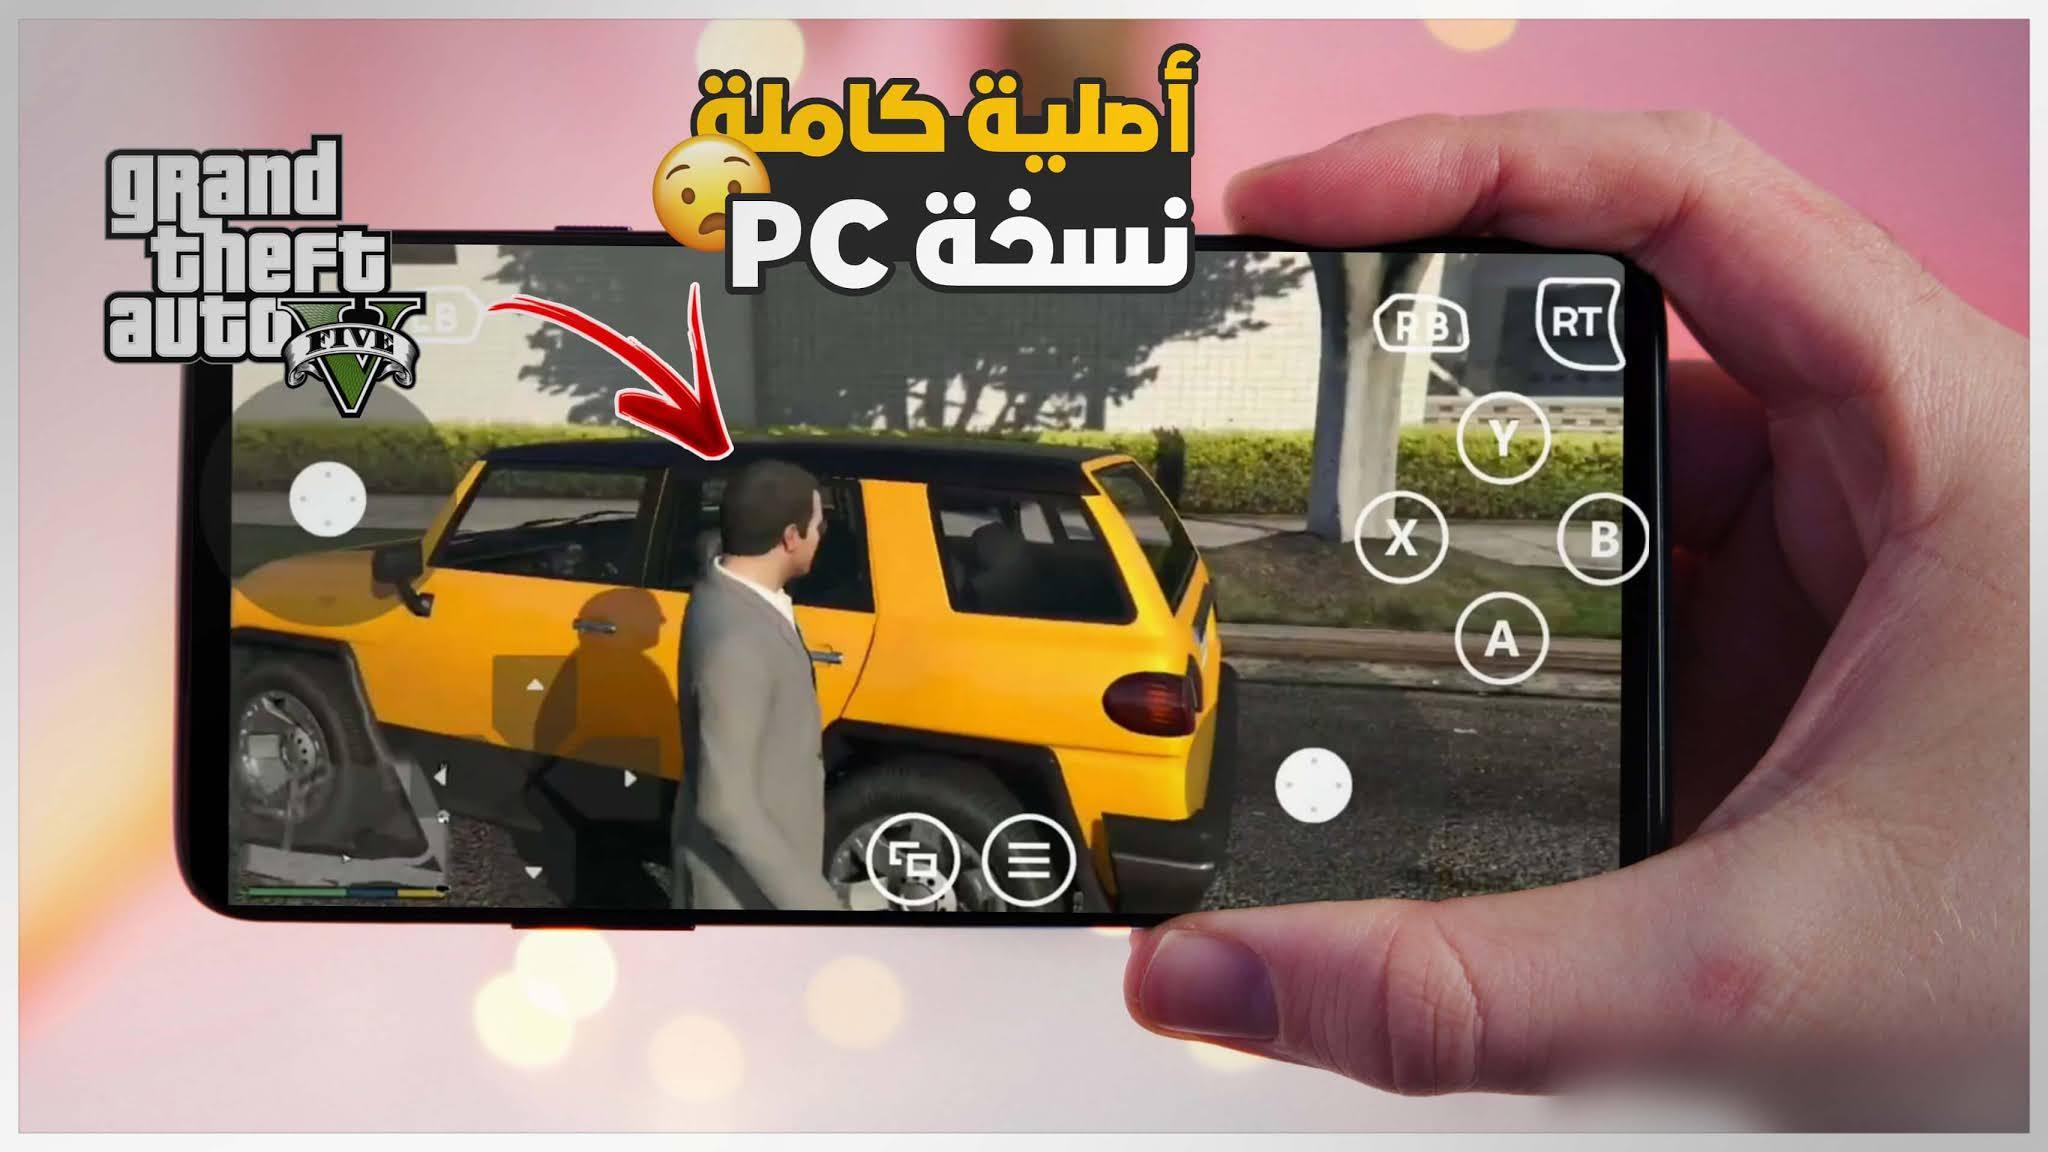 واخيرا تحميل وتشغيل لعبة GTA V الاصلية نسخة PC للاندرويد من ميديا فاير مجانا